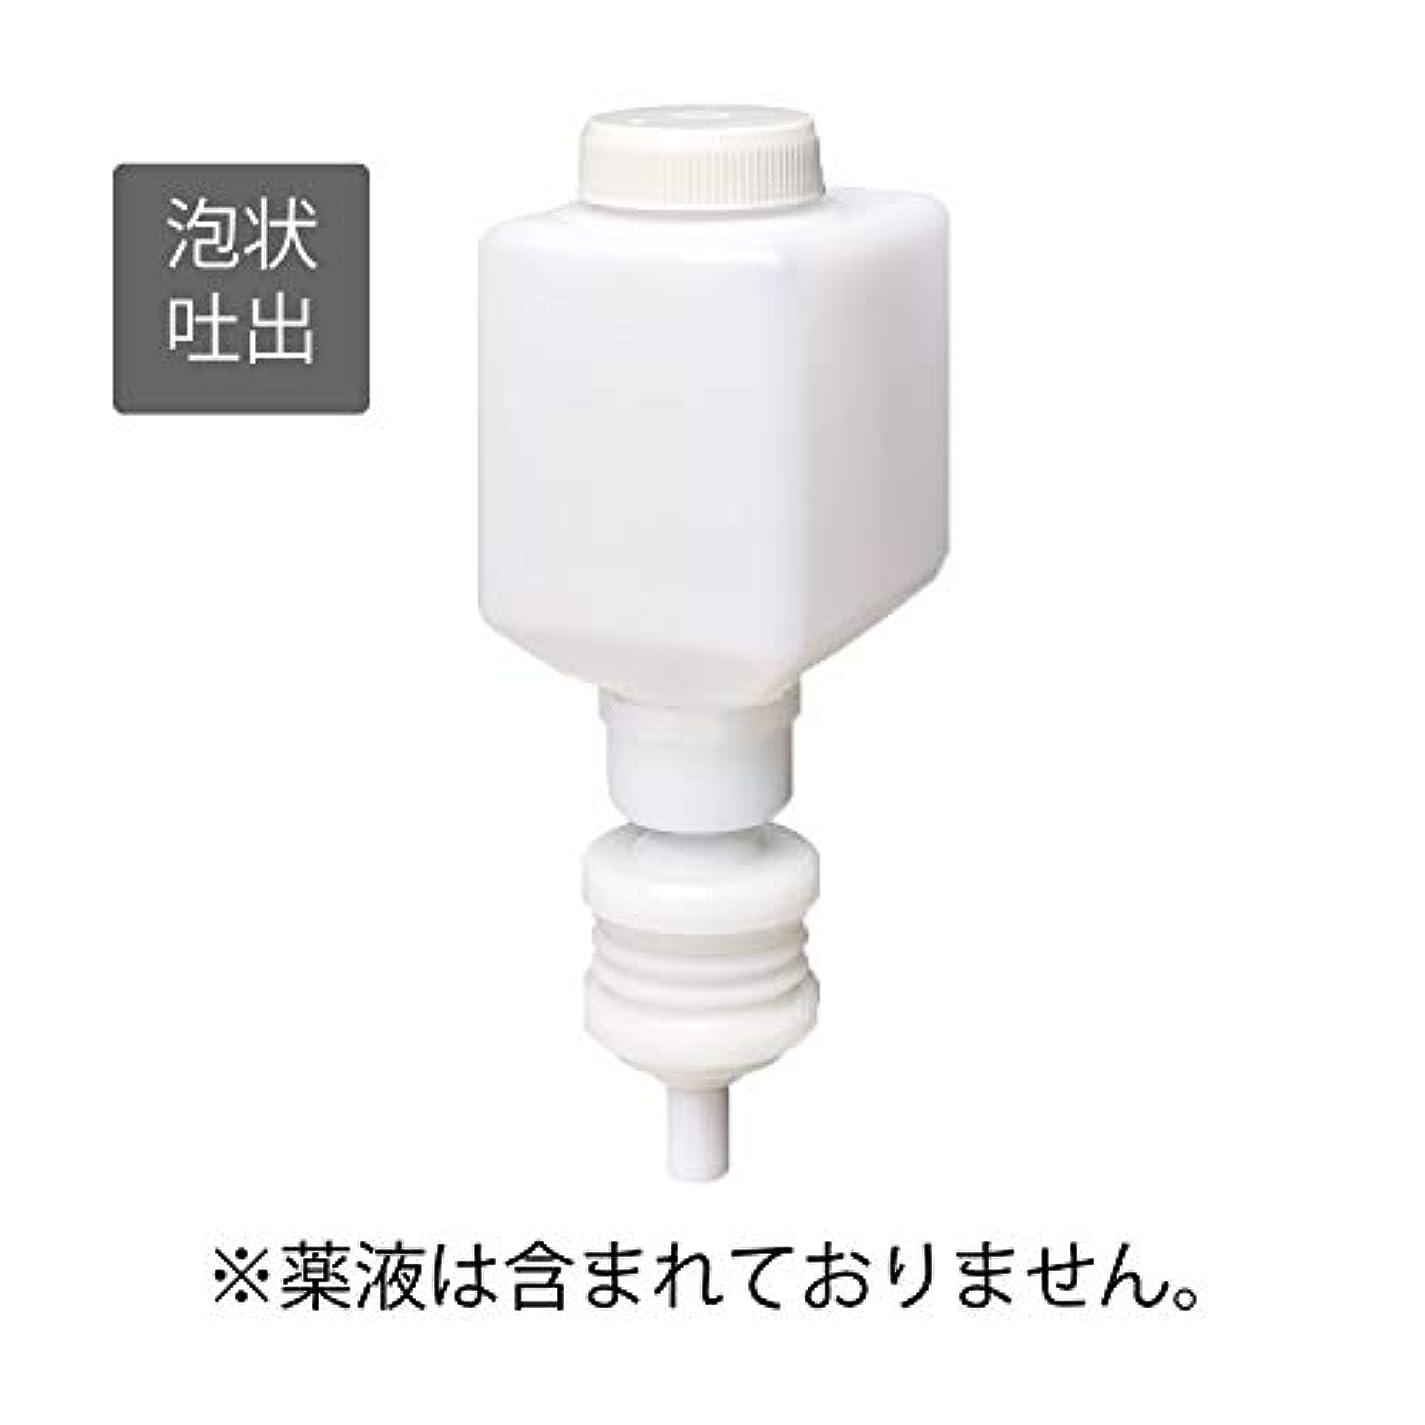 記念品復活する合計サラヤ カートリッジボトル 石けん液泡タイプ用 250ml MD-300